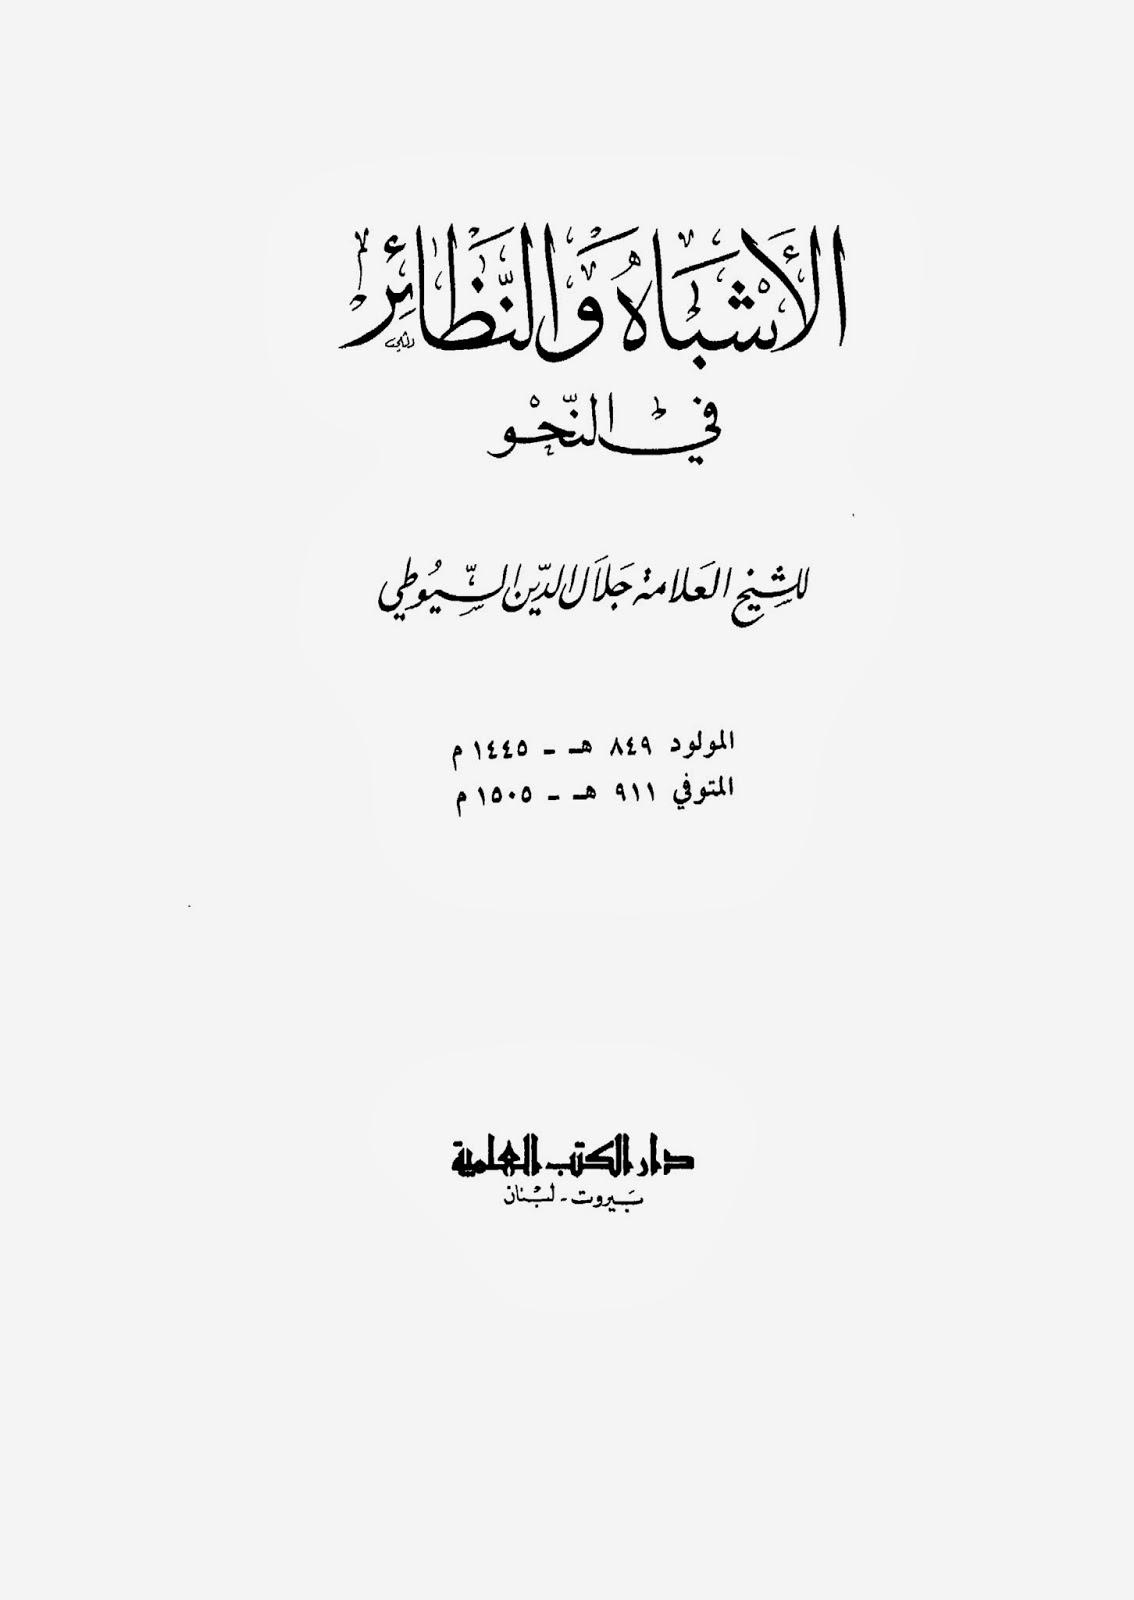 الأشباه والنظائر في النحو للسيوطي - ط دار الكتب العلمية pdf